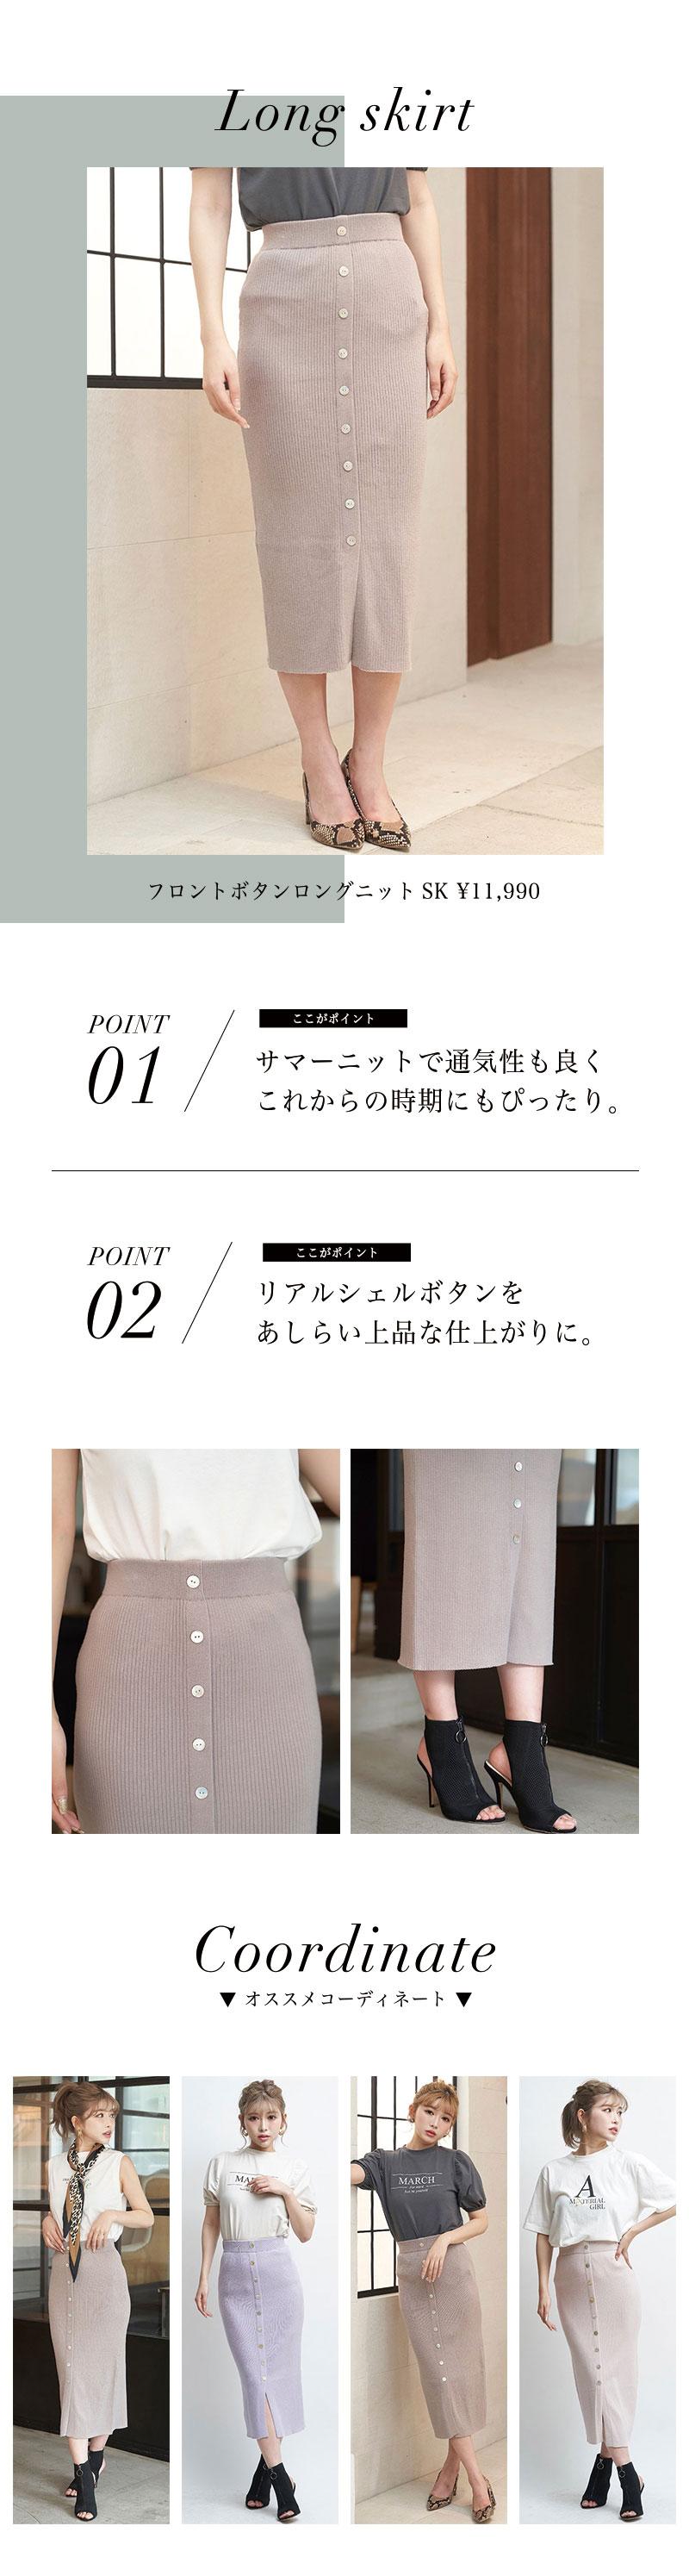 19SS 5月29日新作アイテム特集6